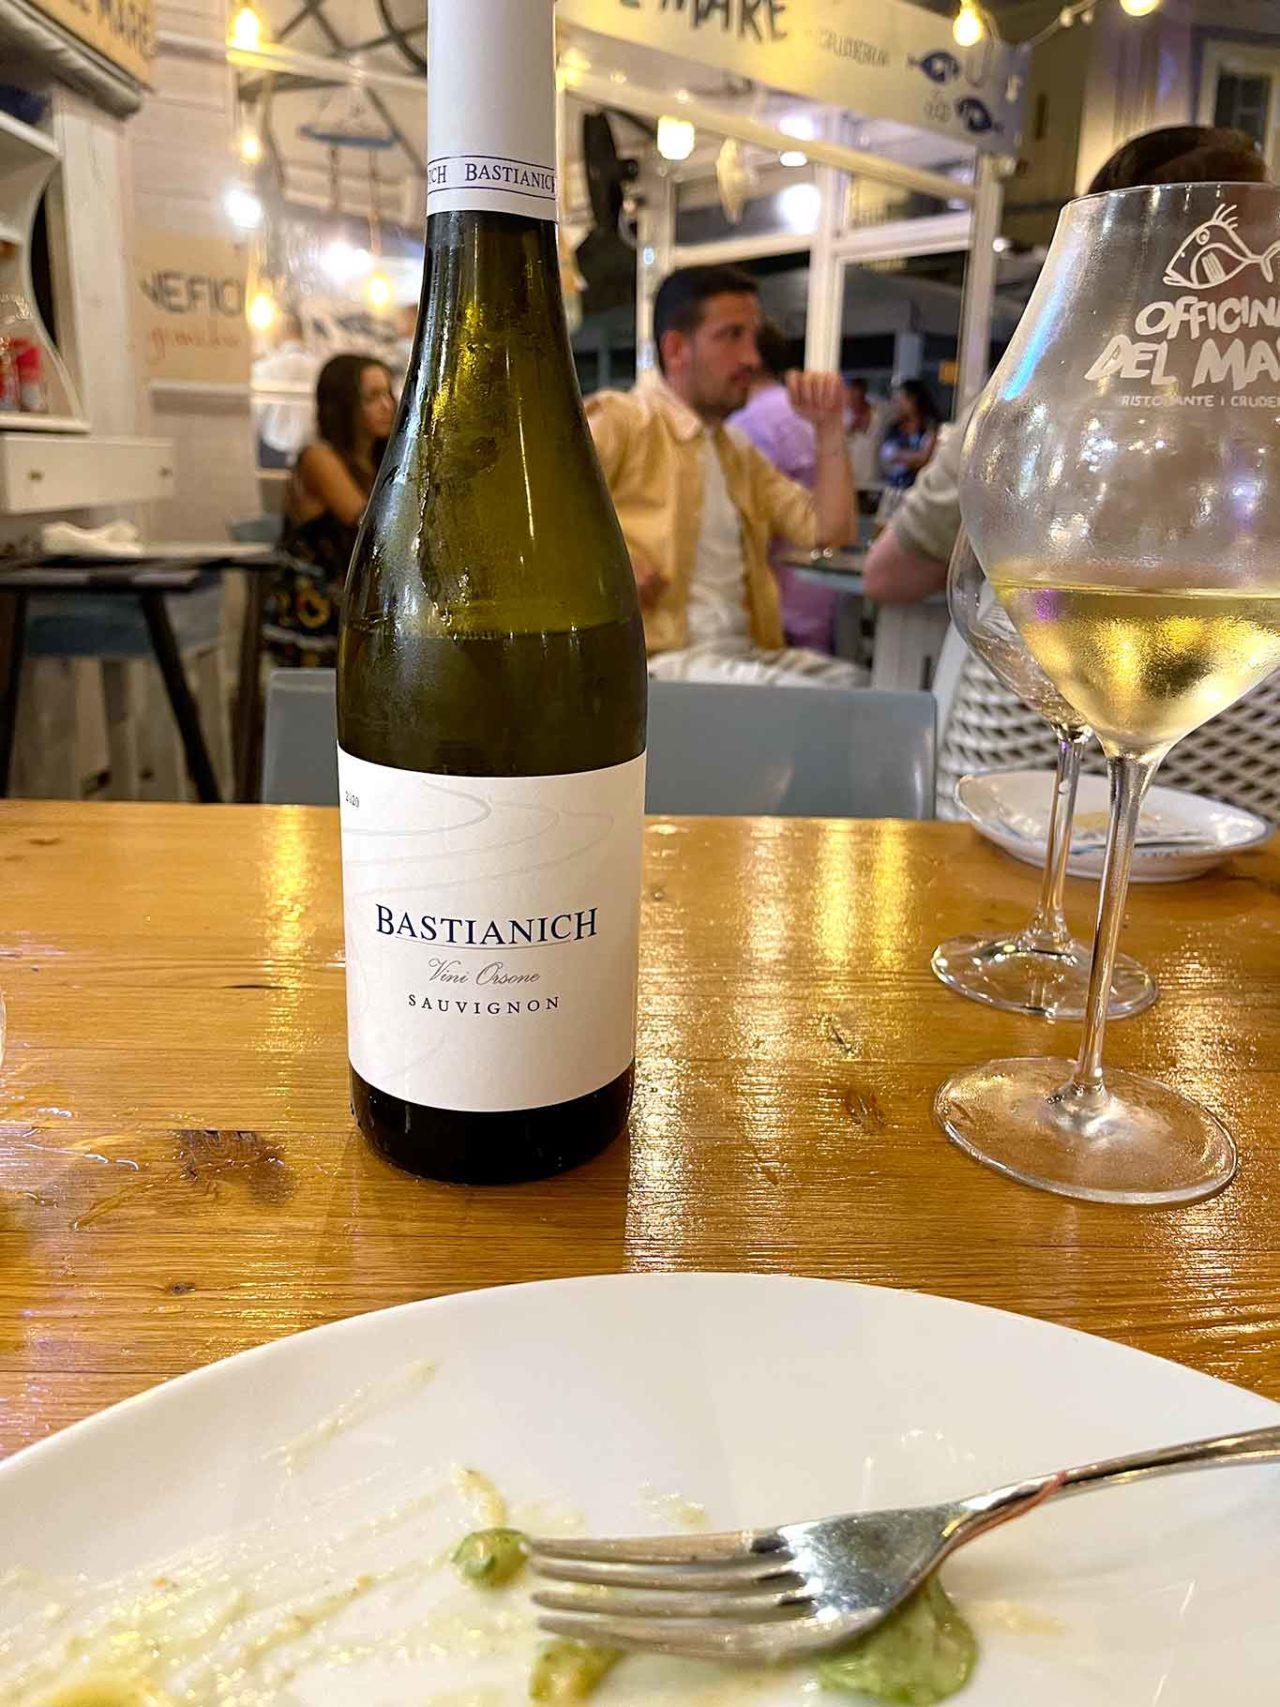 vino sauvignon Bastianich